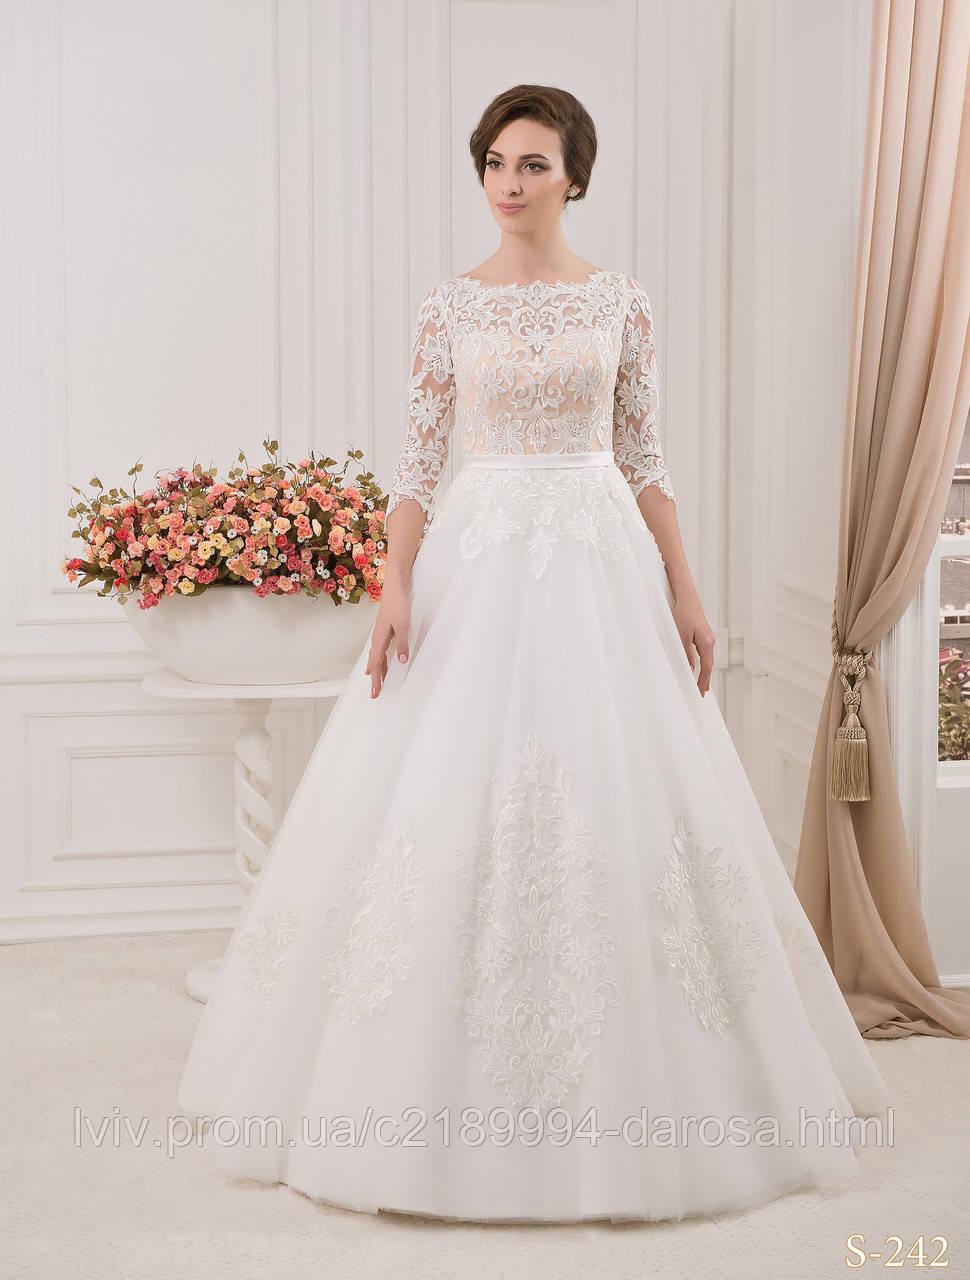 свадебные платья фото с гипюром